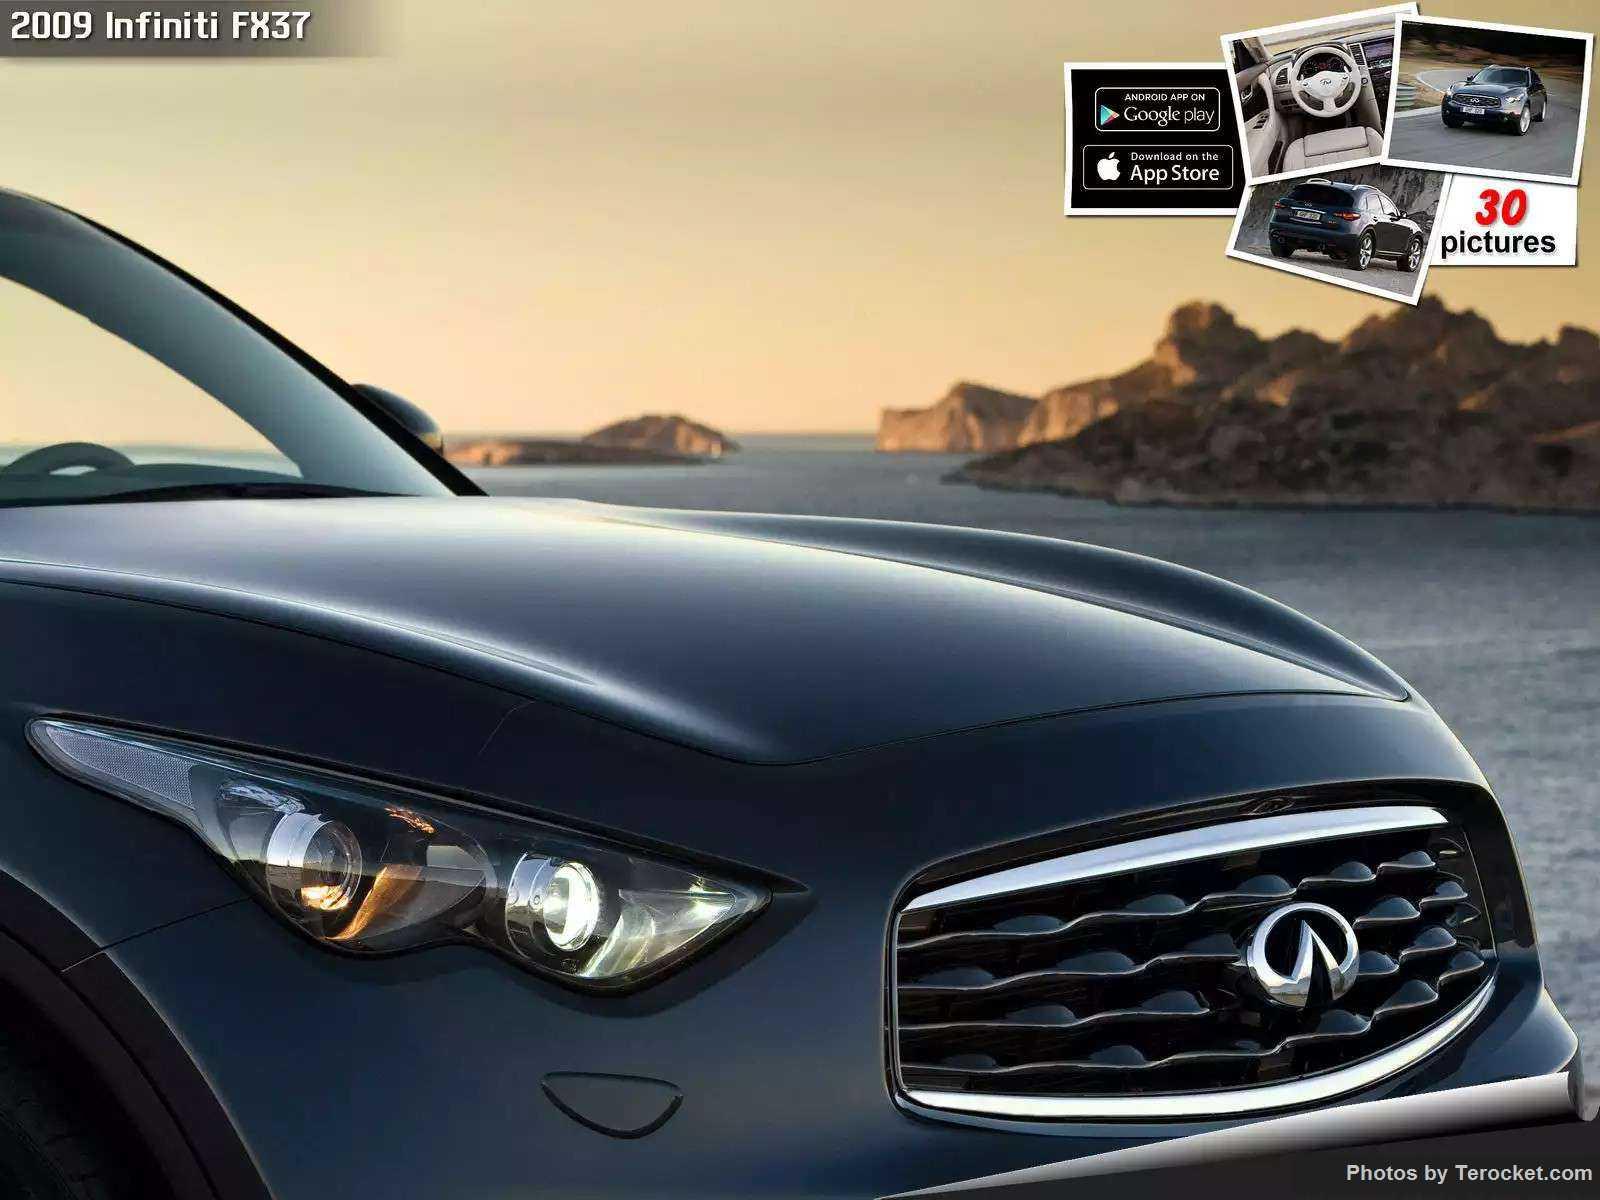 Hình ảnh xe ô tô Infiniti FX37 2009 & nội ngoại thất